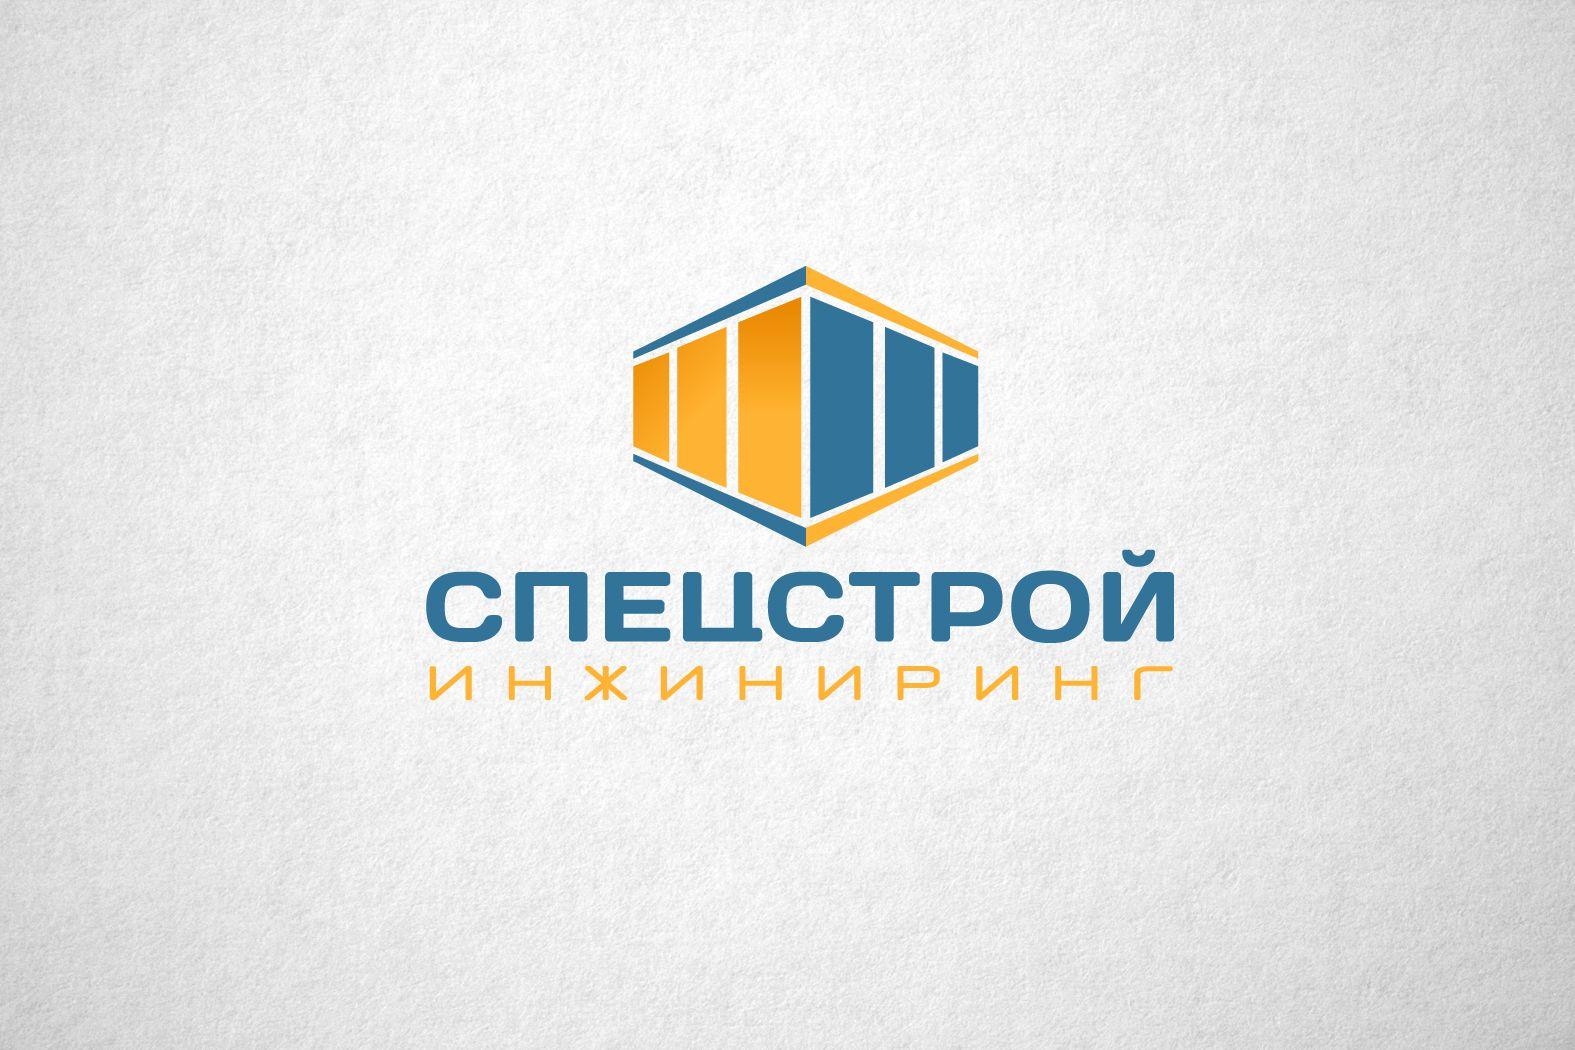 Логотип для строительной компании - дизайнер funkielevis